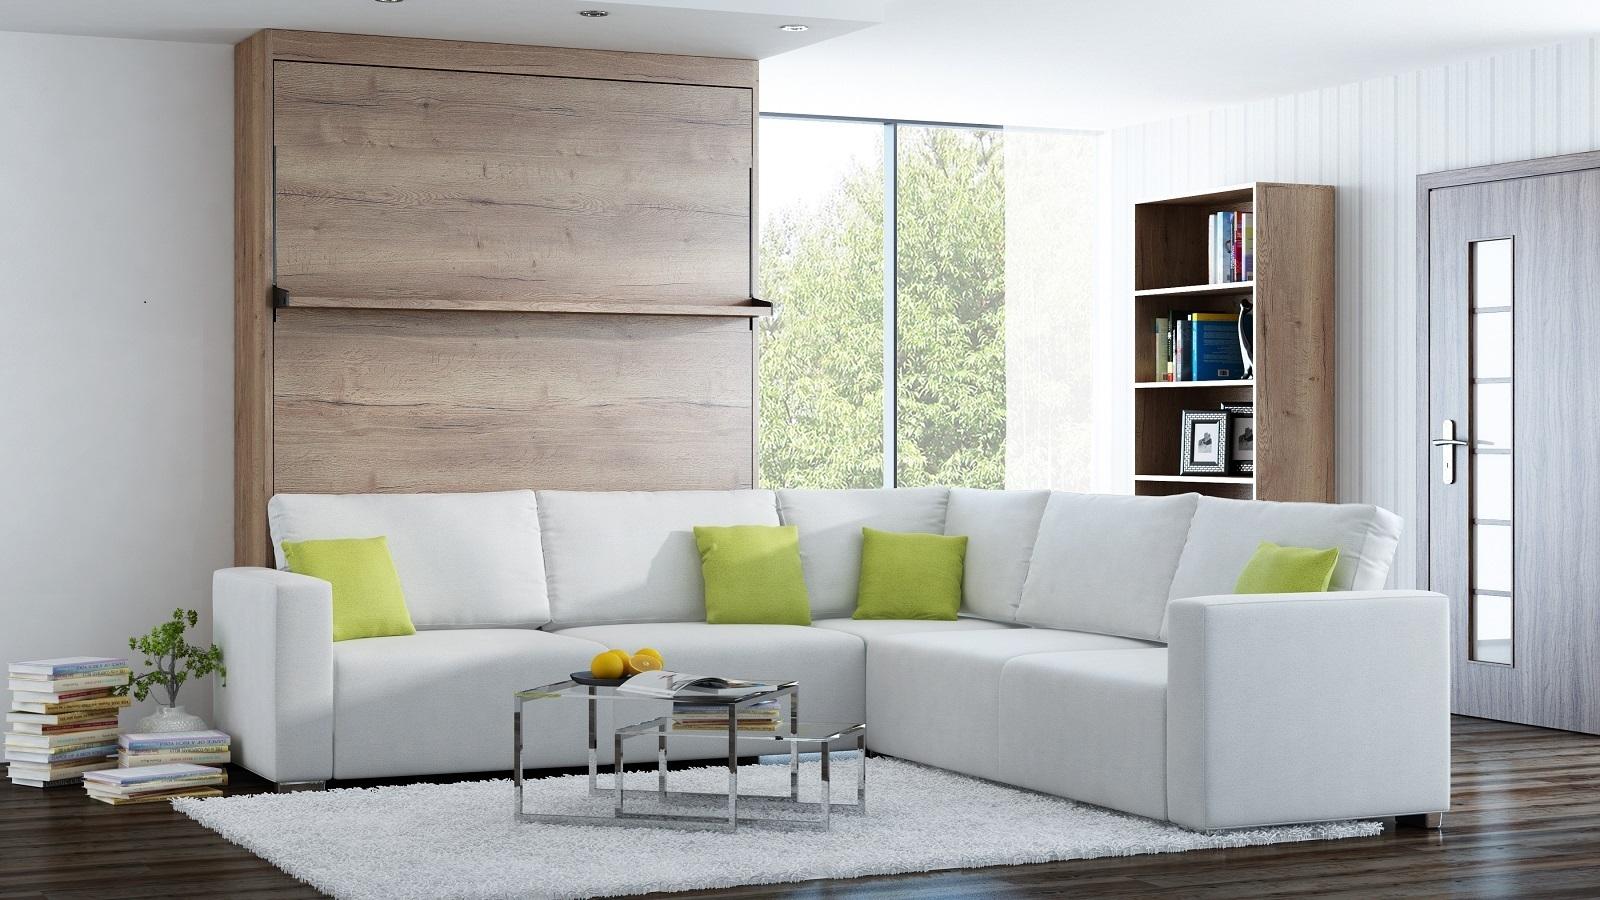 Ts m bel wandbett mit sofa ecke leggio linea std std 160 x 200 cm - Wandbett mit sofa ...